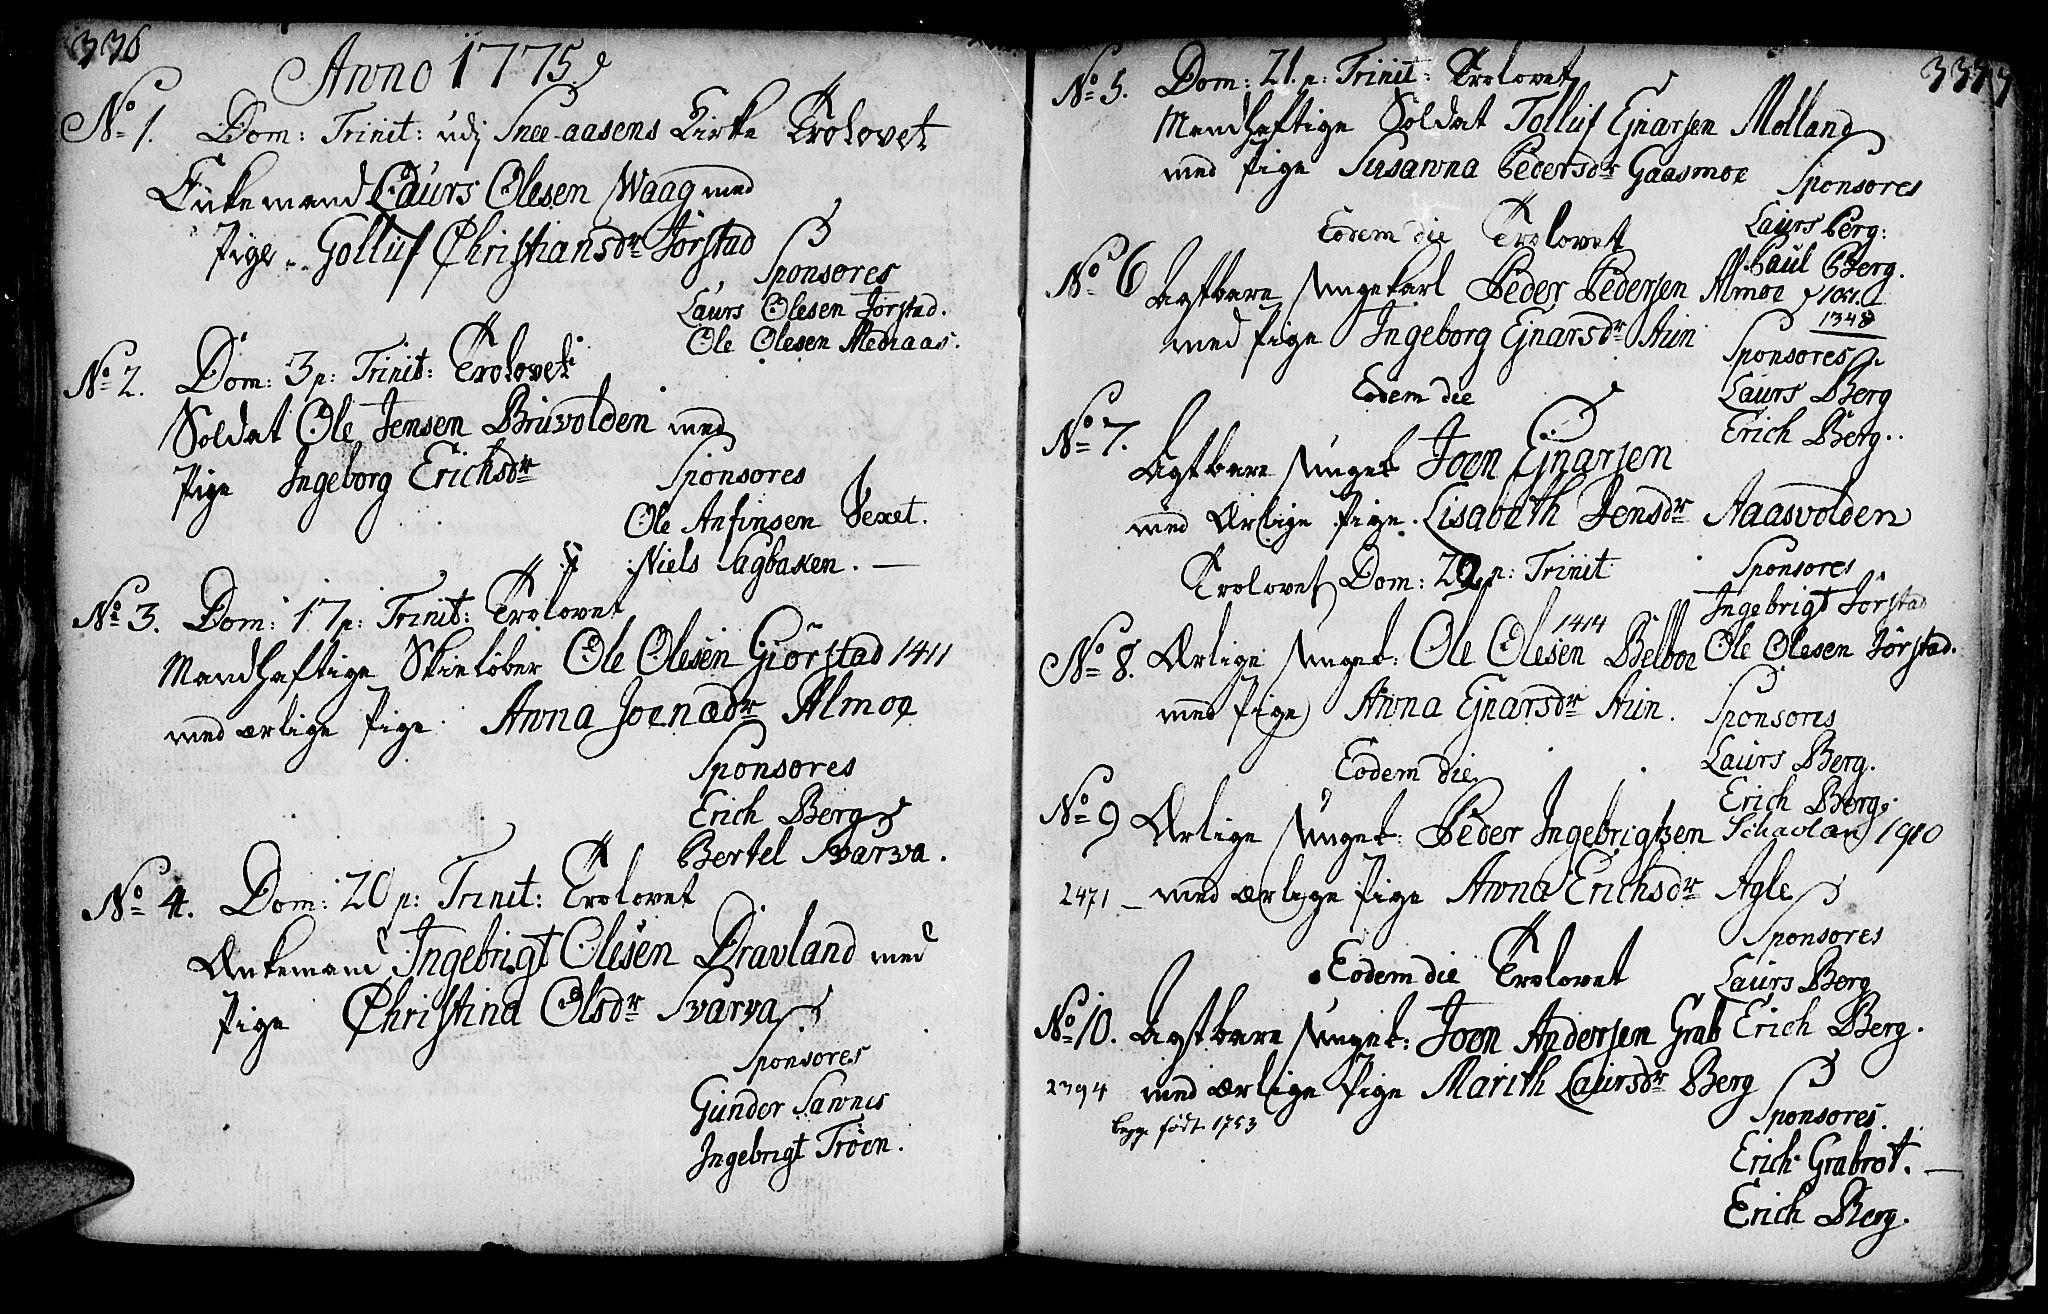 SAT, Ministerialprotokoller, klokkerbøker og fødselsregistre - Nord-Trøndelag, 749/L0467: Ministerialbok nr. 749A01, 1733-1787, s. 336-337